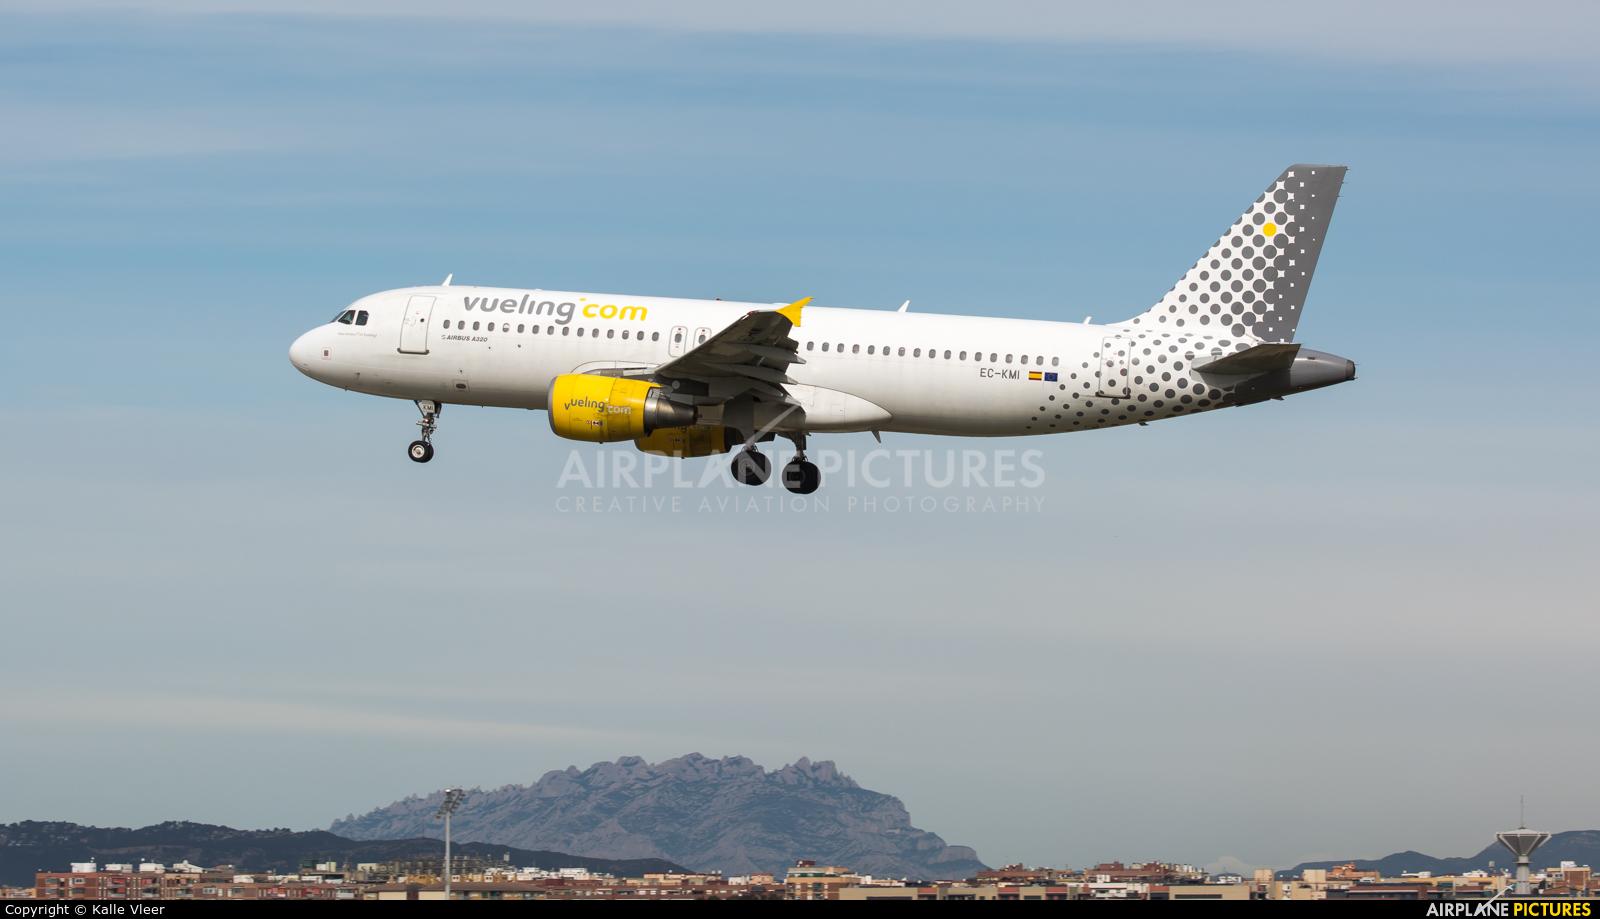 Vueling Airlines EC-KMI aircraft at Barcelona - El Prat